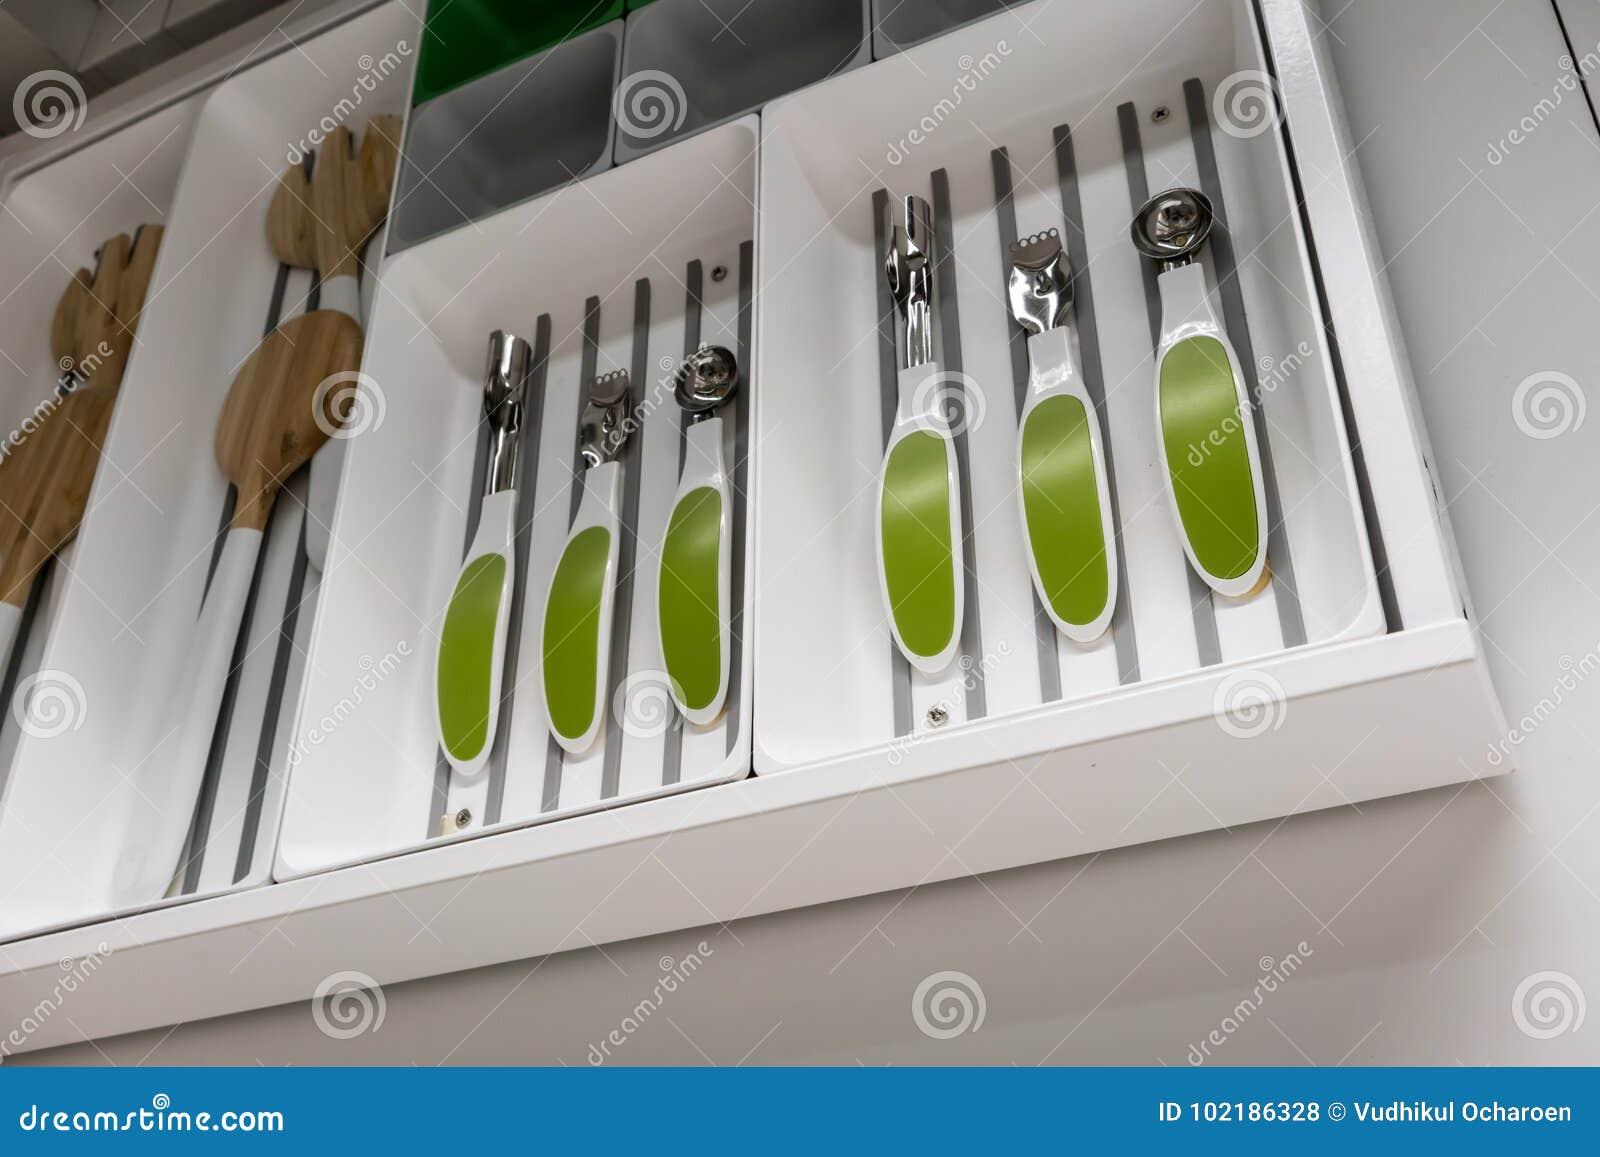 Colheres, forquilhas e utensílios da cozinha no compartimento plástico branco